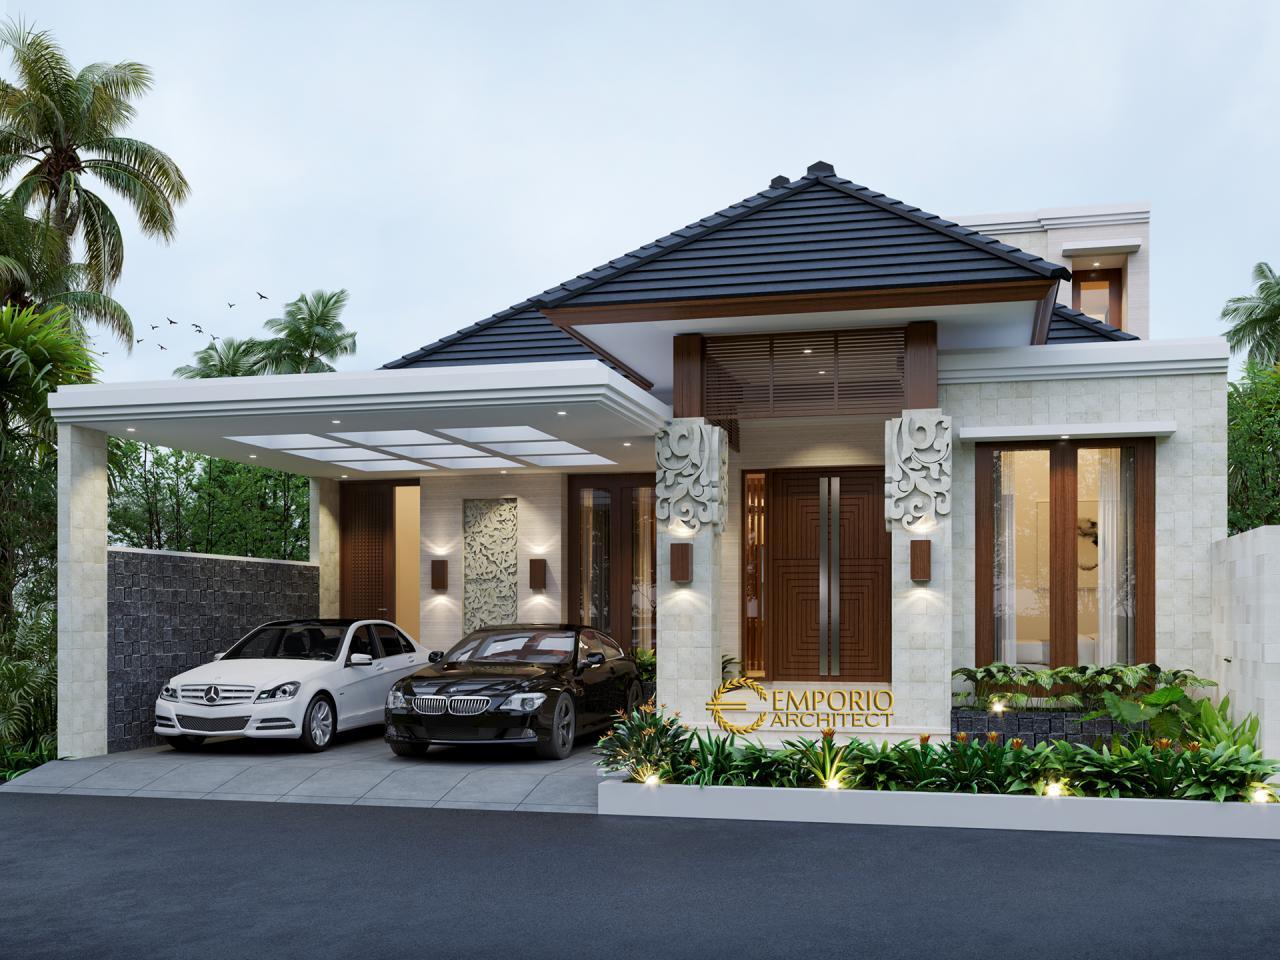 5 Desain Rumah Minimalis Terbaik Pada Lebar Lahan 6 Meter